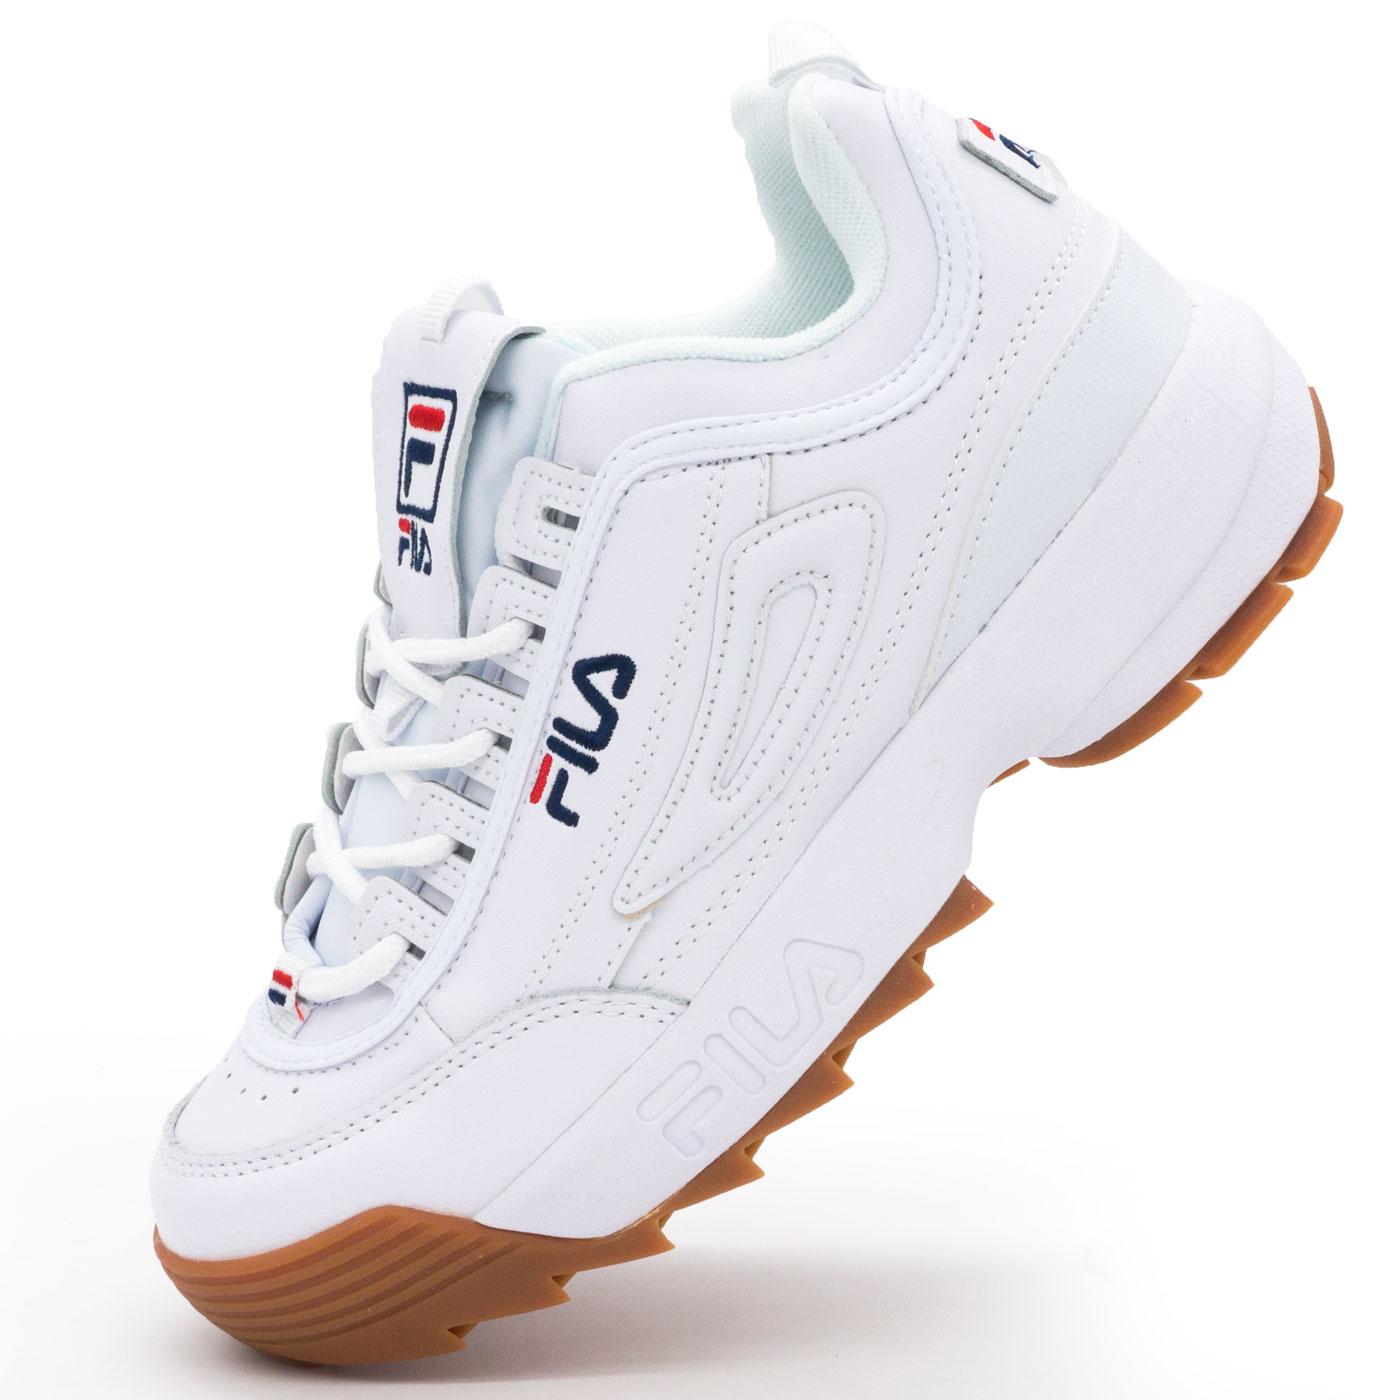 bf3fd2b9 Топ качество фото main Женские кроссовки белые с коричневой подошвой FILA  Disruptor 2.